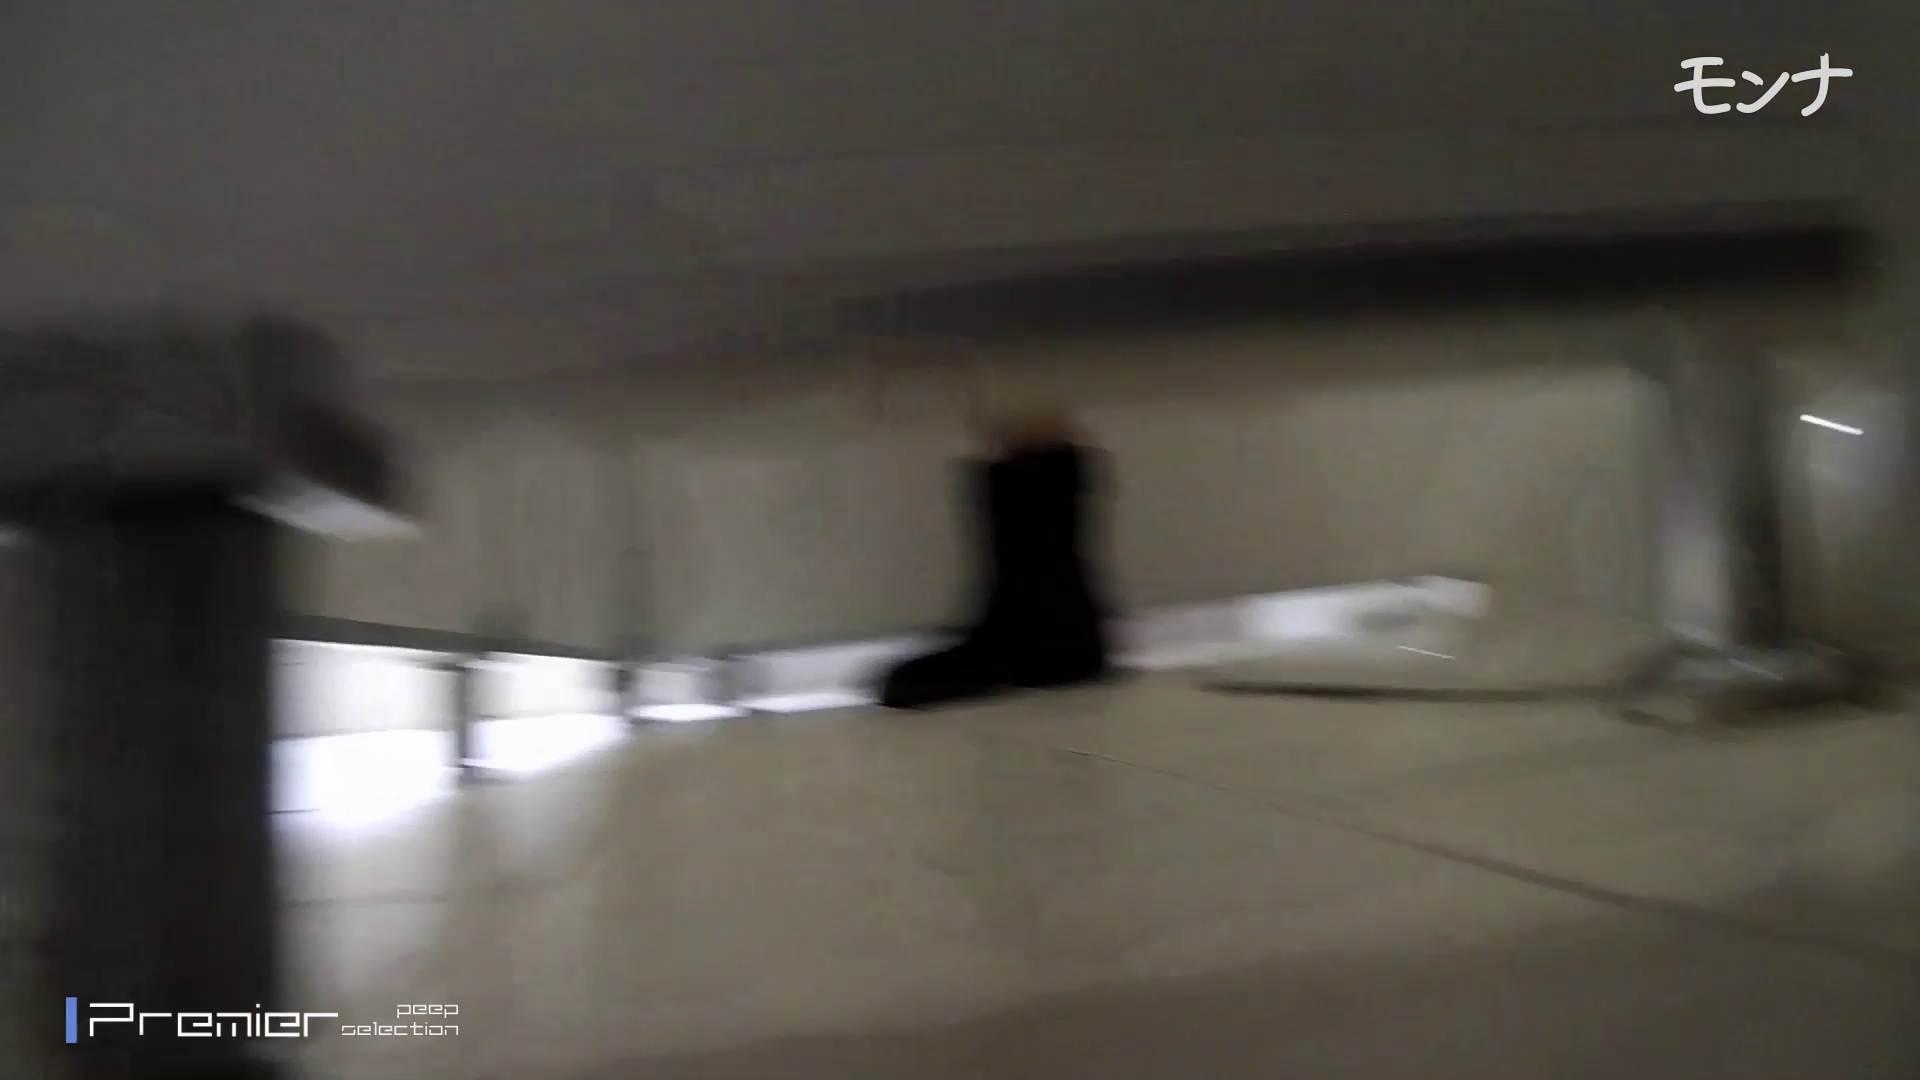 美しい日本の未来 No.55 普通の子たちの日常調長身あり セックス オマンコ無修正動画無料 104pic 69